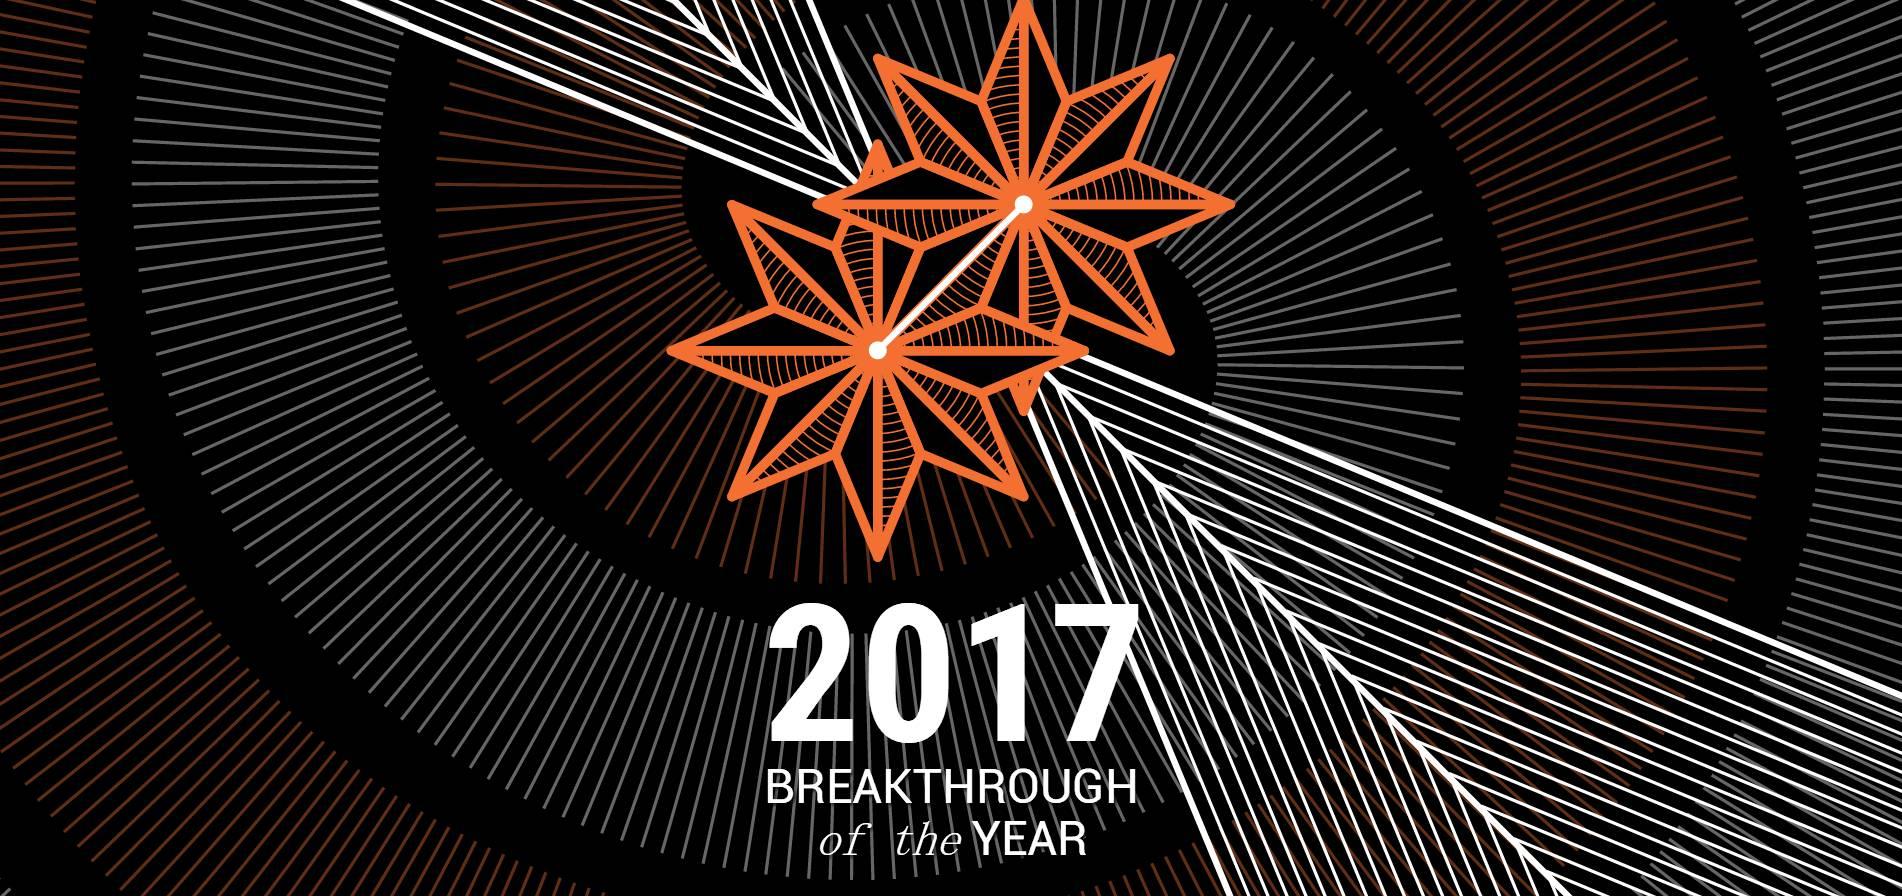 盘点:《Science》公布2017年全球十大科学突破